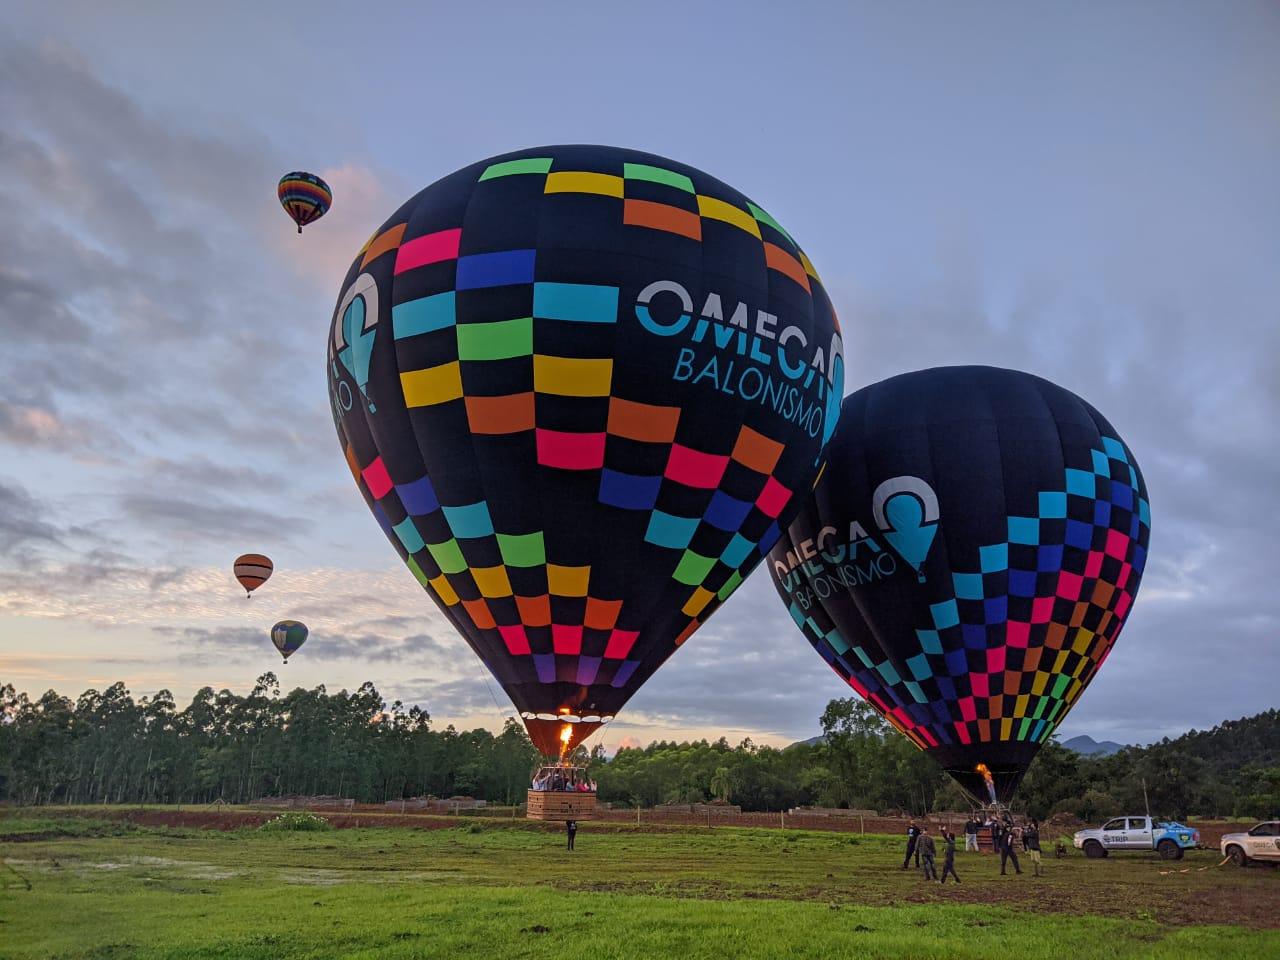 Omega Balonismo